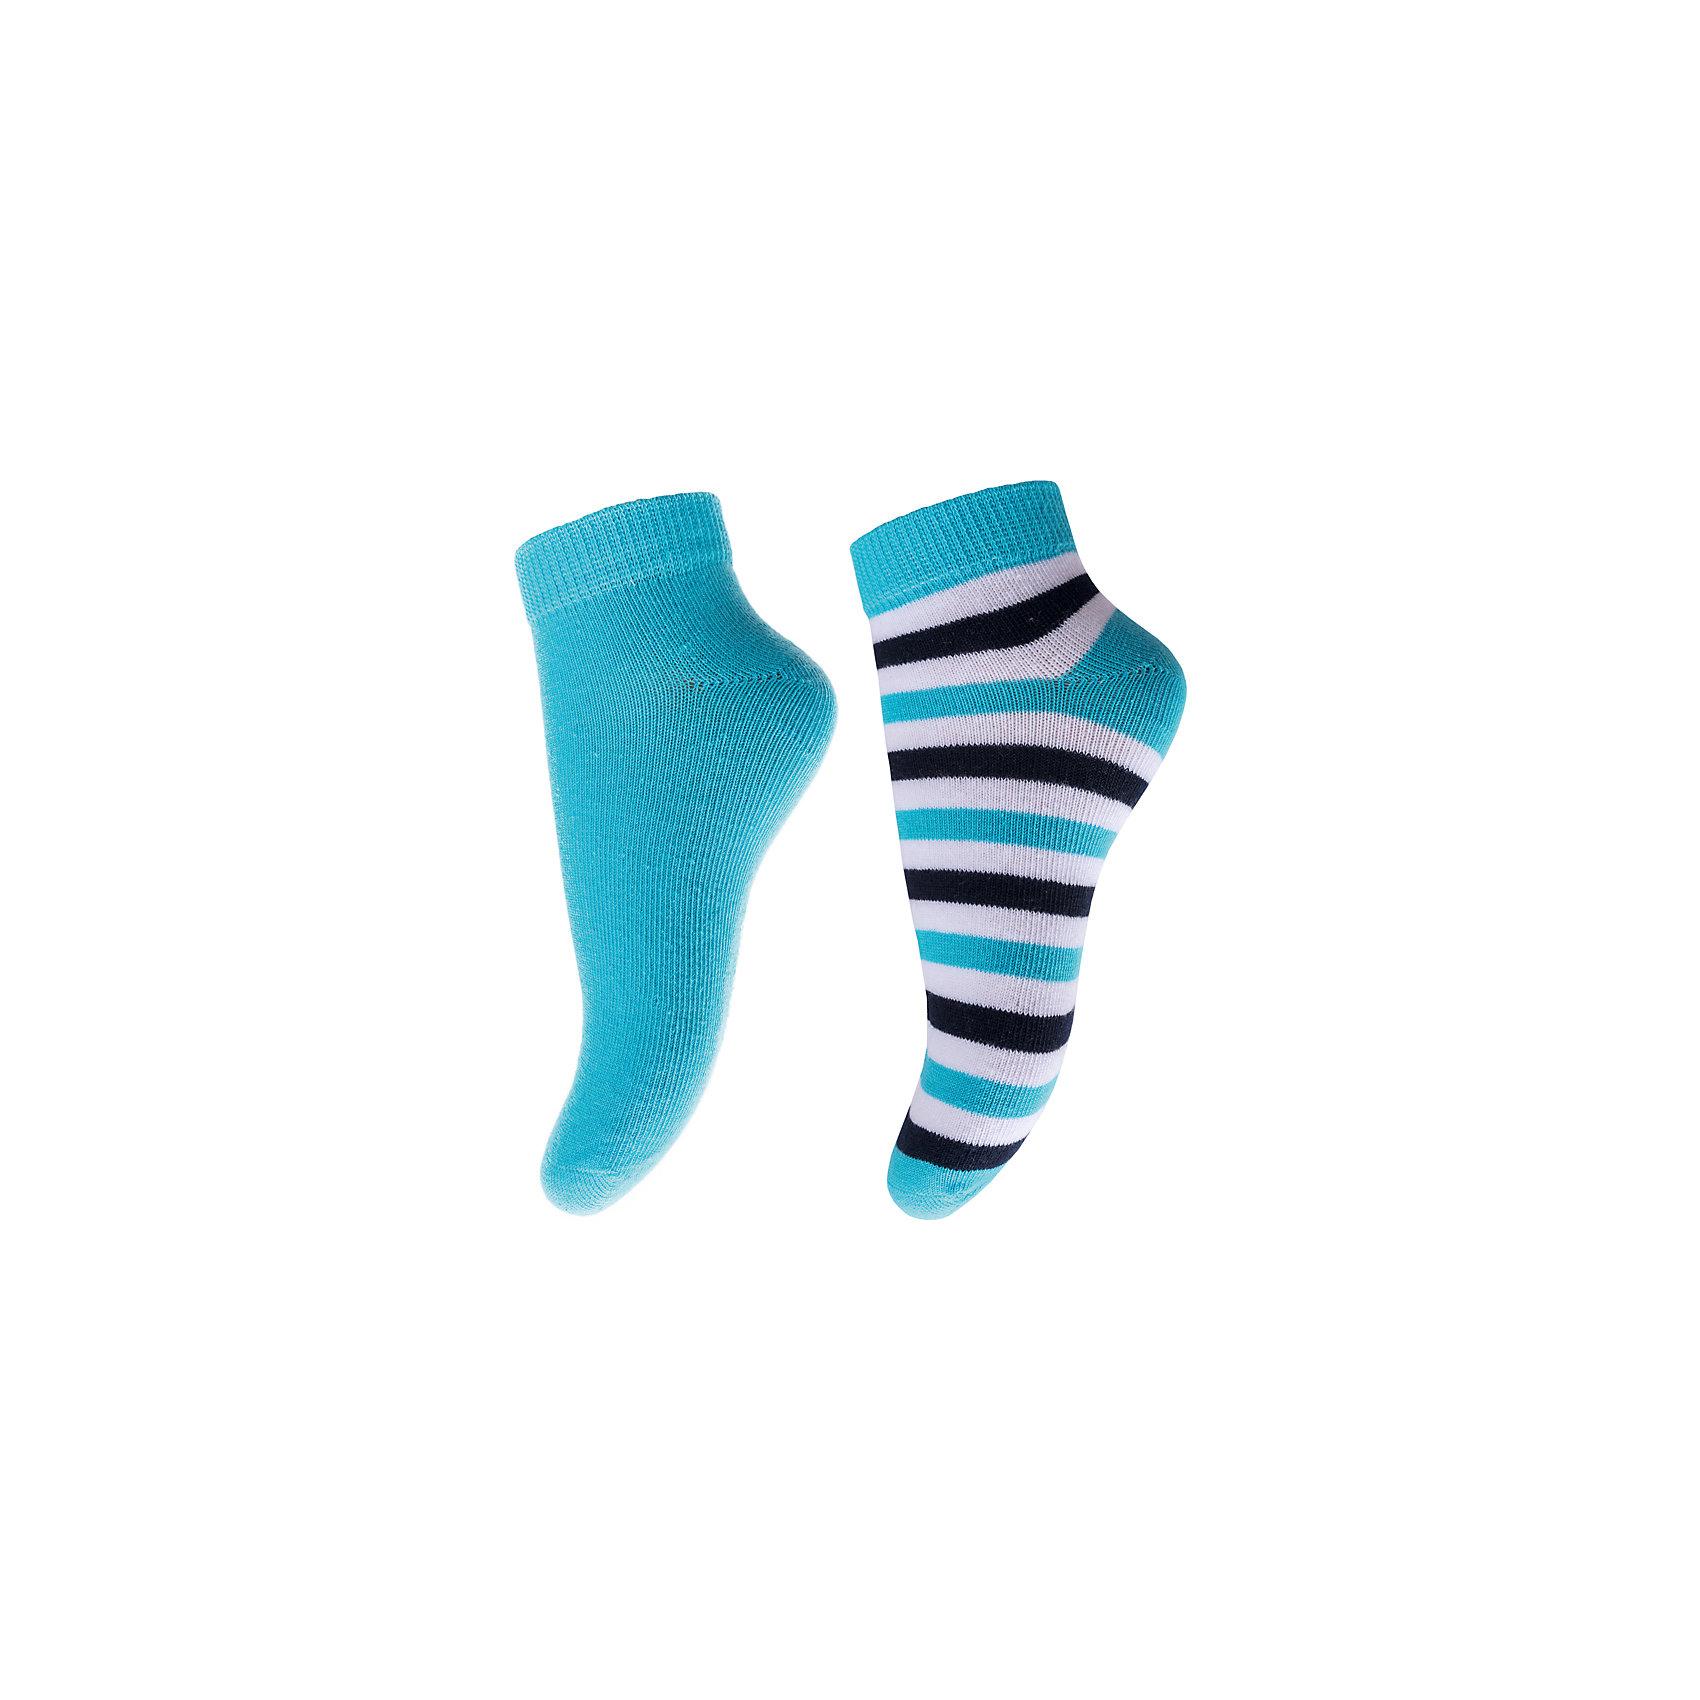 Носки для мальчика PlayTodayНоски<br>Носки очень мягкие, из качественных материалов, приятны к телу и не сковывают движений. Хорошо облегают ногу.Преимущества: Мягкие, выполненные из натуральных материалов, приятны к телу, не сковывают движенийХорошо пропускают воздух, позволяя тем самым коже дышатьДаже частые стирки, при условии соблюдений рекомендаций по уходу, не изменят ни форму, ни цвет изделия.<br>Состав:<br>75% хлопок, 22% нейлон, 3% эластан<br><br>Ширина мм: 87<br>Глубина мм: 10<br>Высота мм: 105<br>Вес г: 115<br>Цвет: разноцветный<br>Возраст от месяцев: 84<br>Возраст до месяцев: 96<br>Пол: Мужской<br>Возраст: Детский<br>Размер: 18,14,16<br>SKU: 5604414